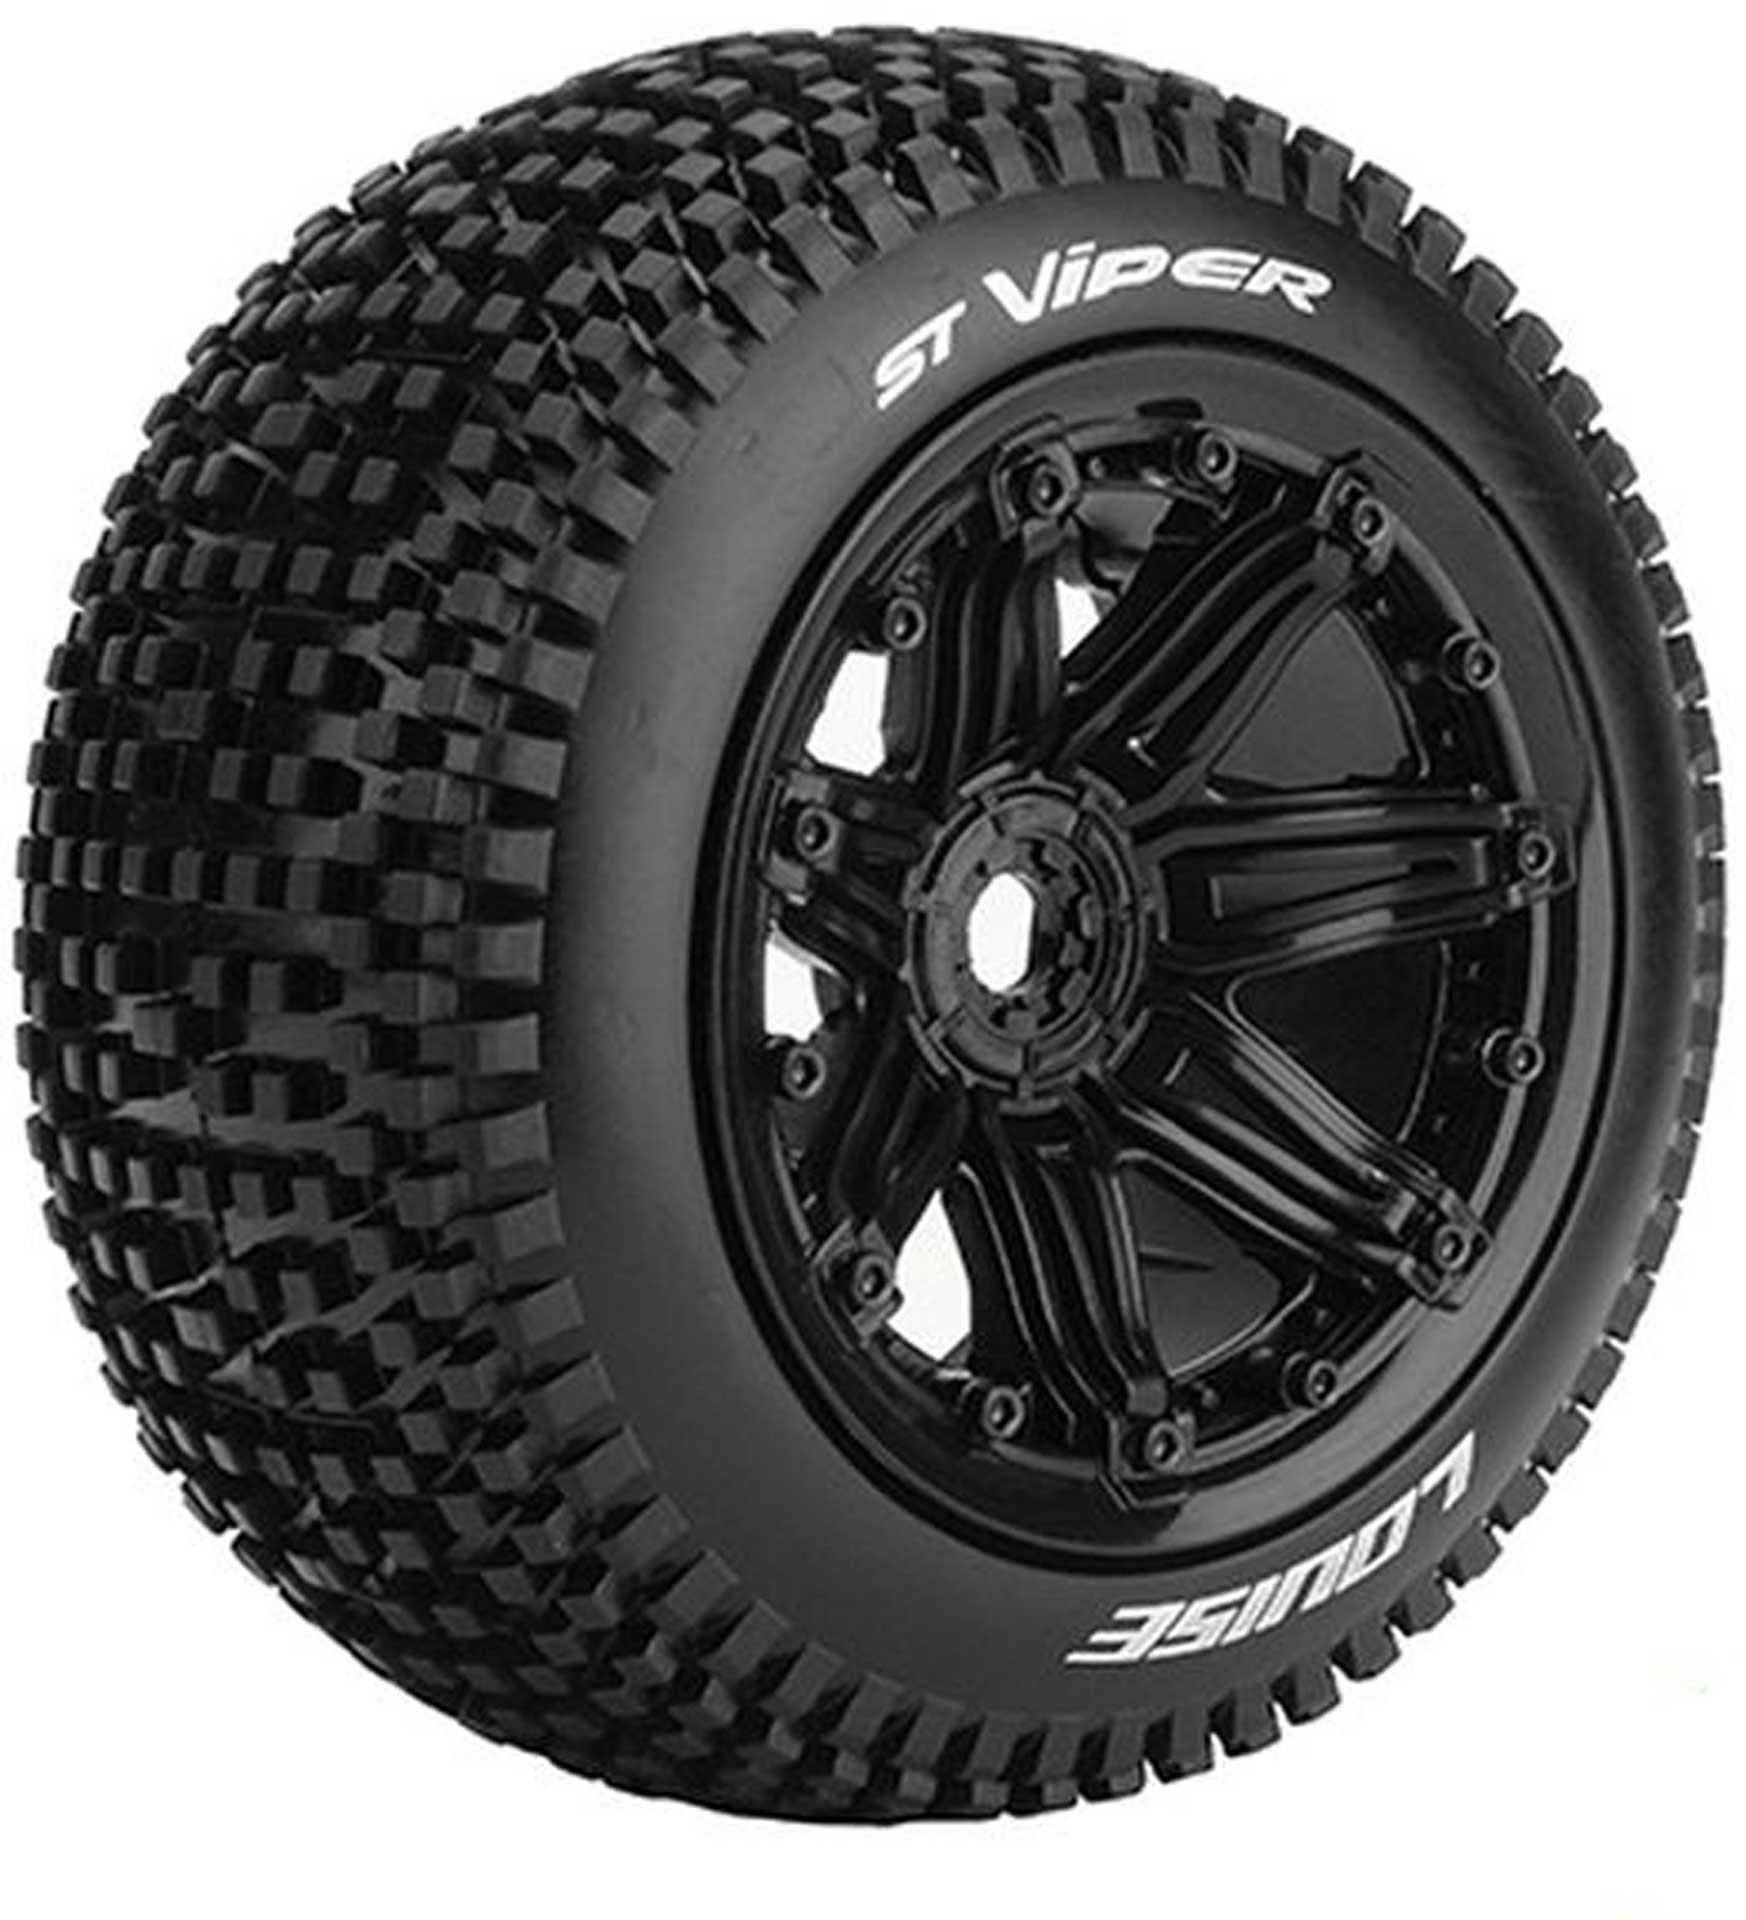 LOUISE ST-VIPER Sport-Compound Reifen Set 2Stk. 1/8 17mm